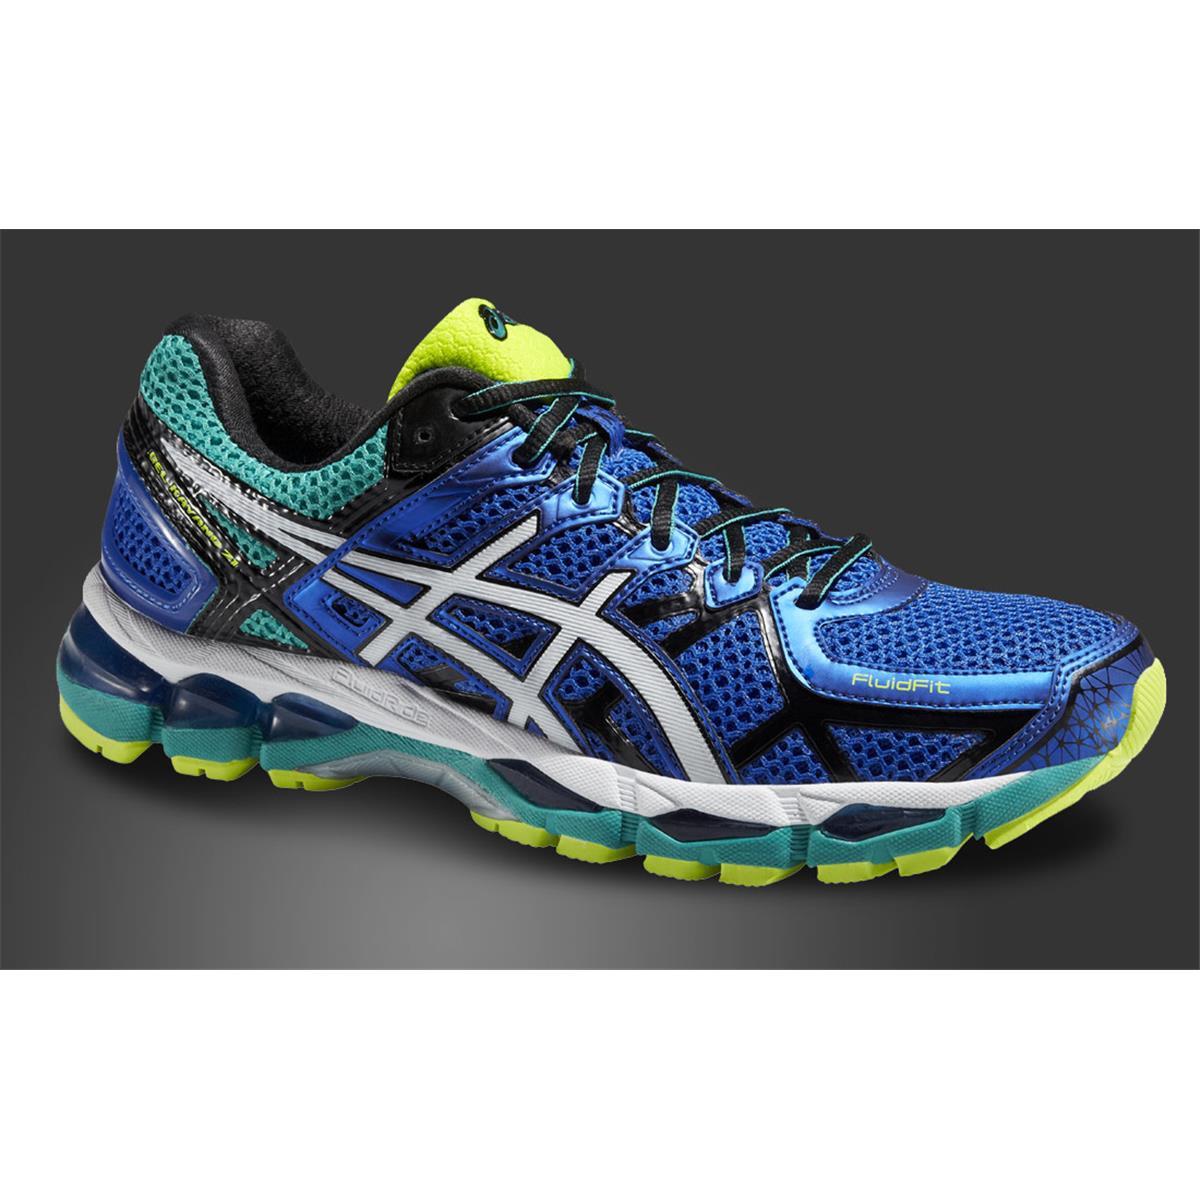 asics gel-kayano 21 running shoe